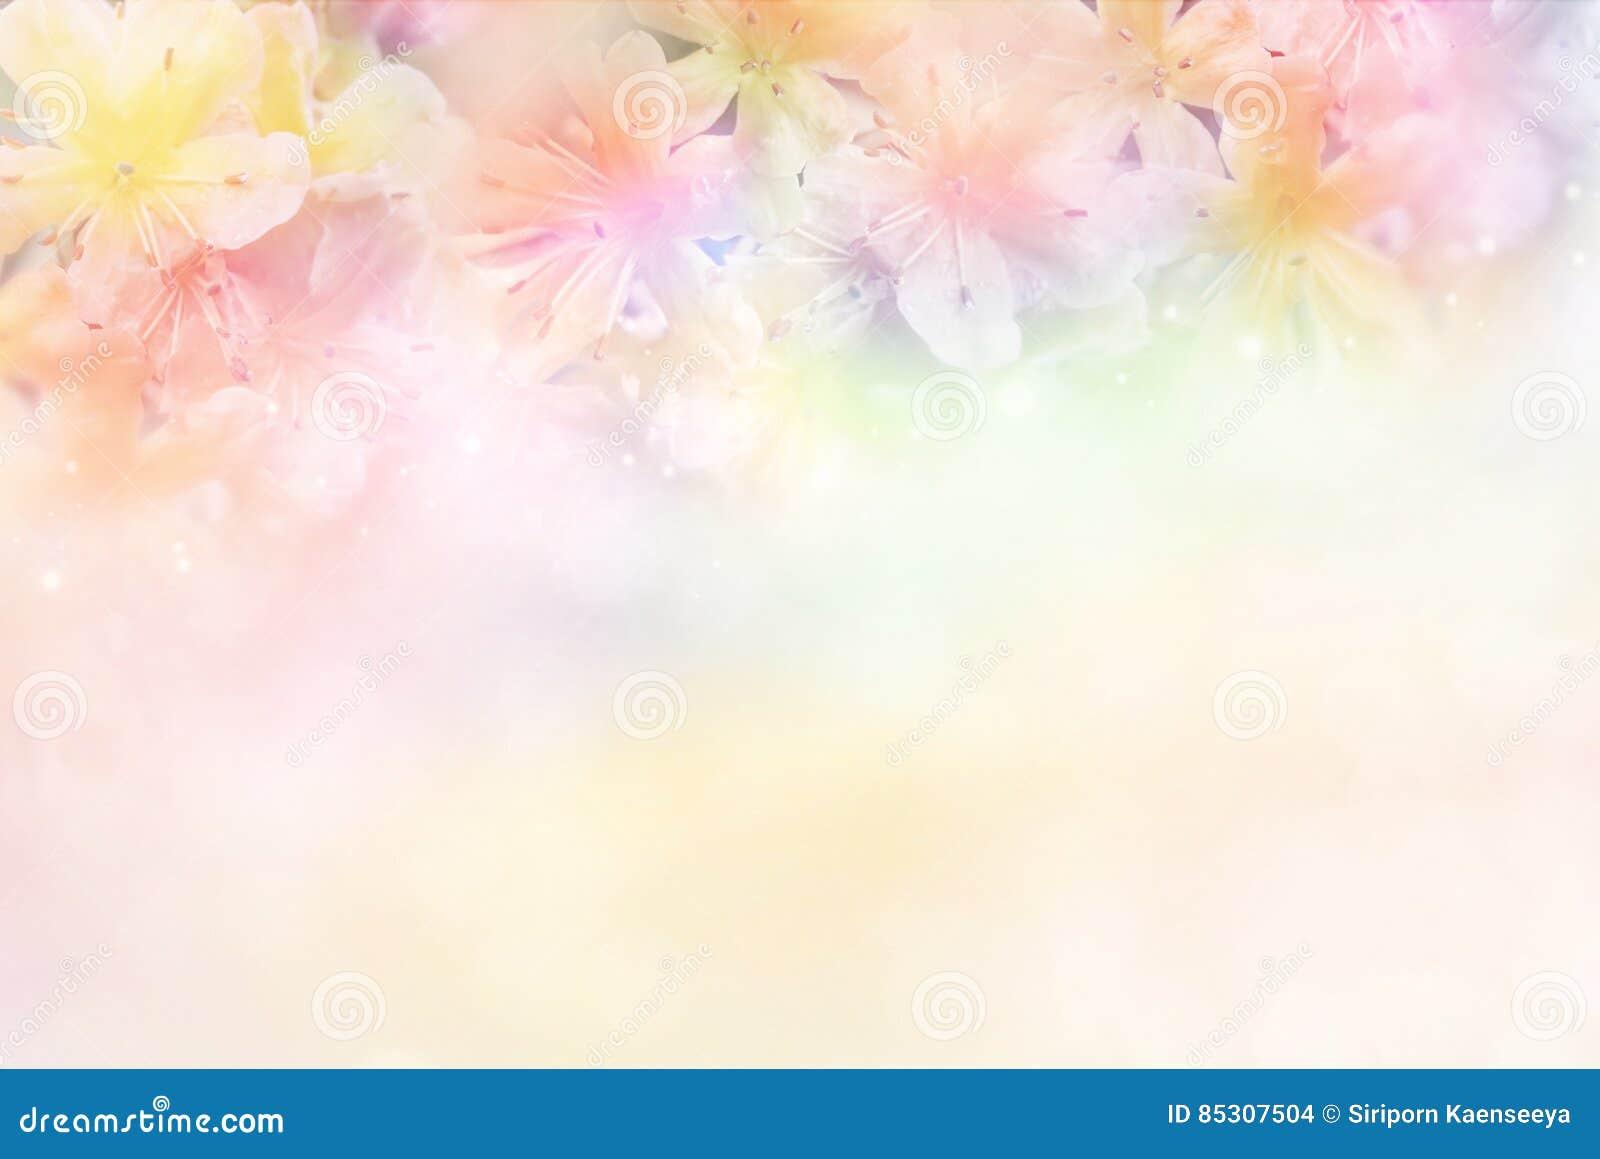 Florezca El Fondo Suave En El Tono En Colores Pastel Para